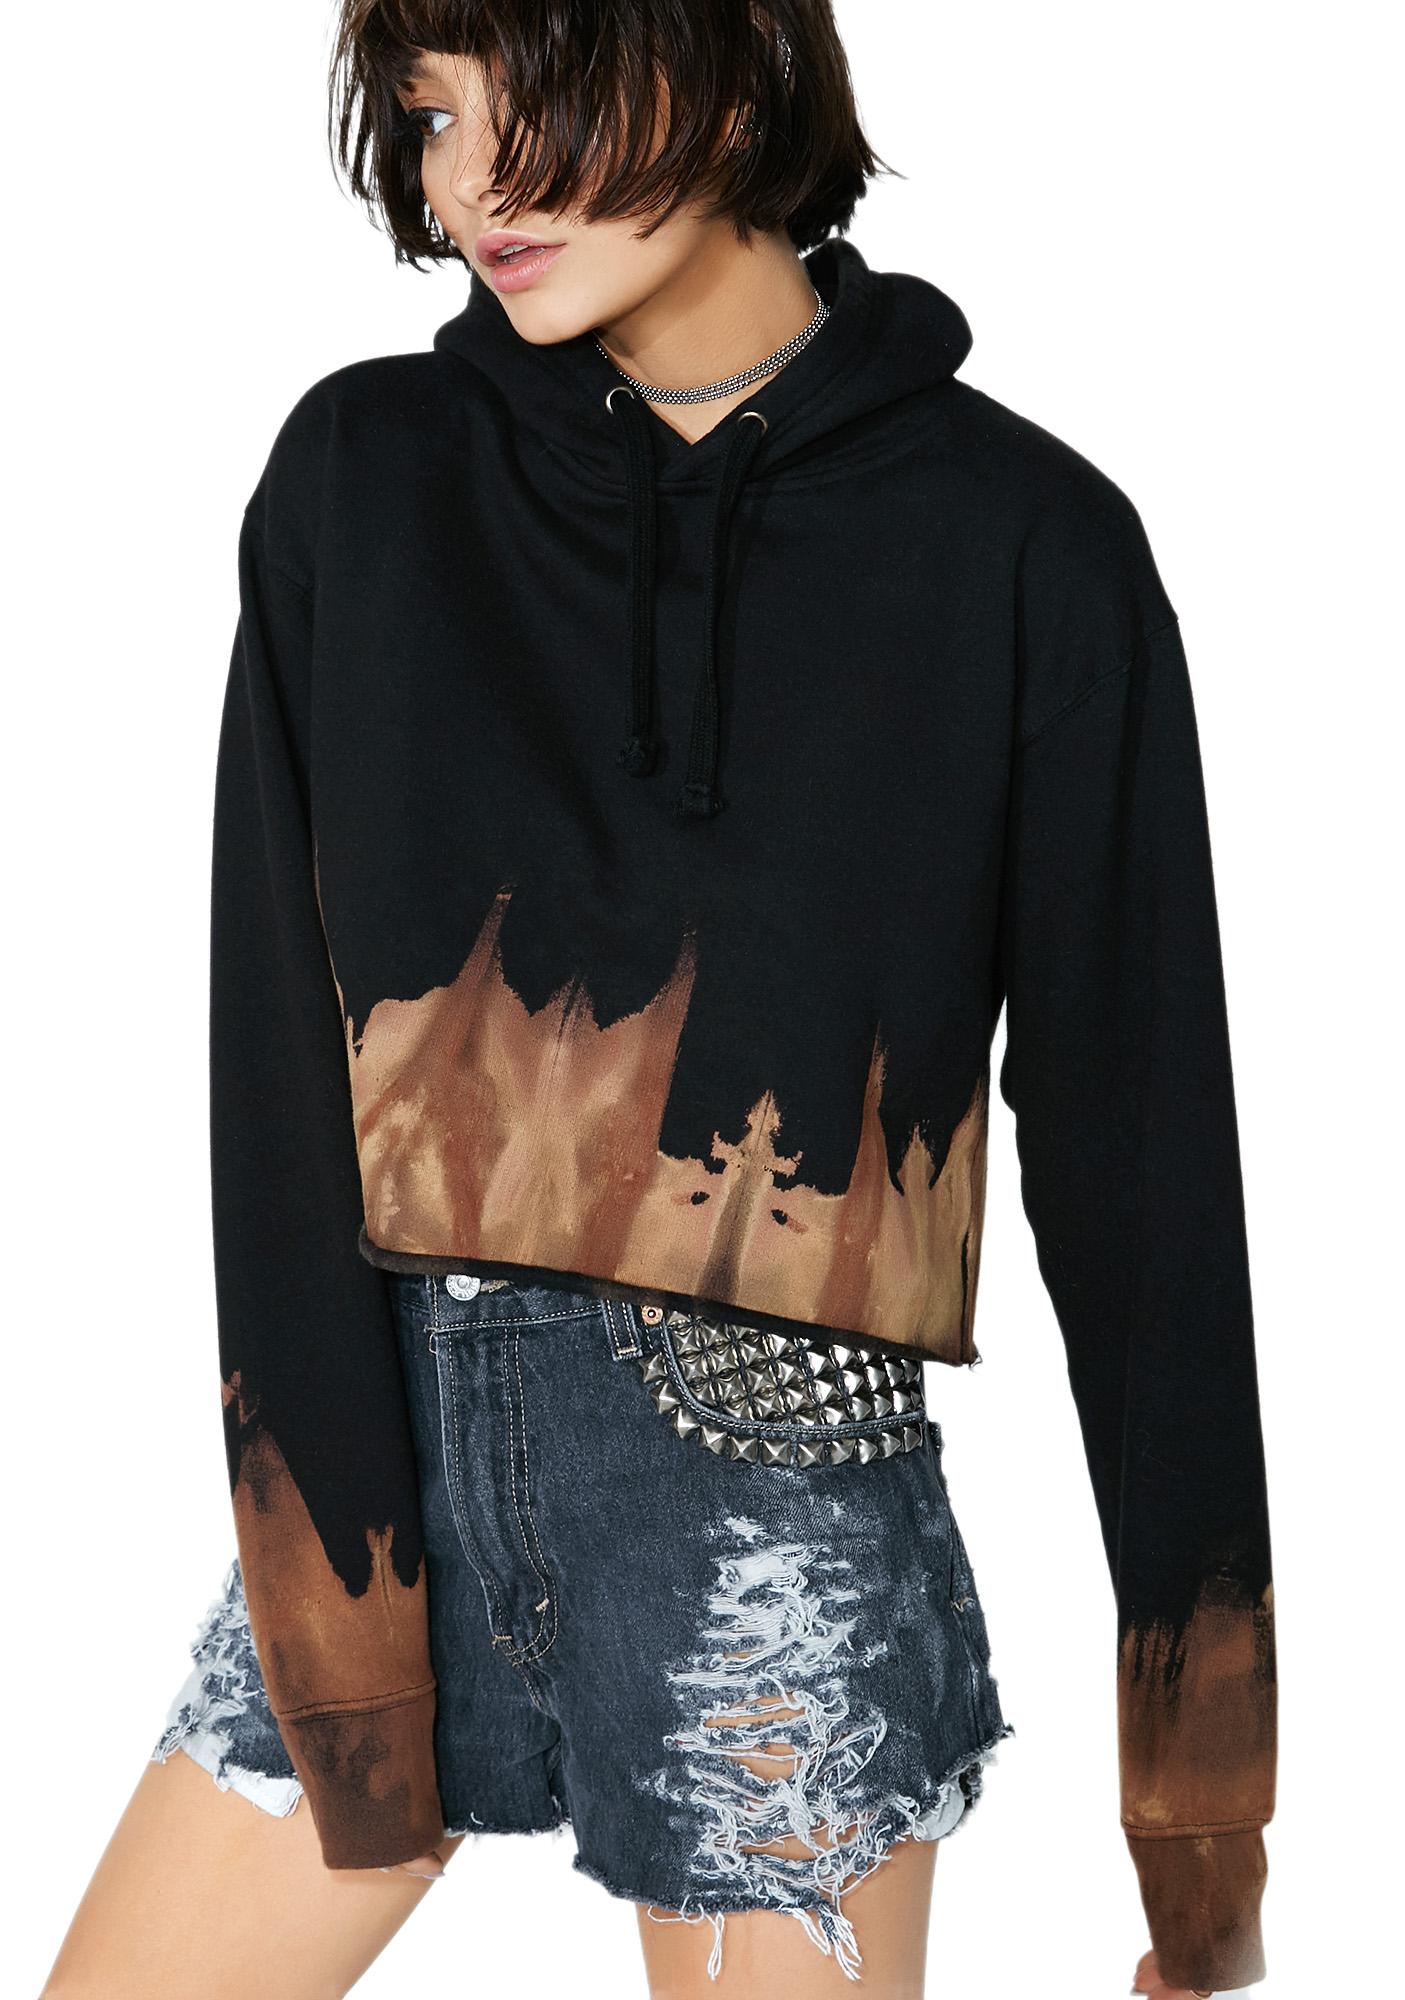 American Vintage Reworked Cropped Sweatshirt